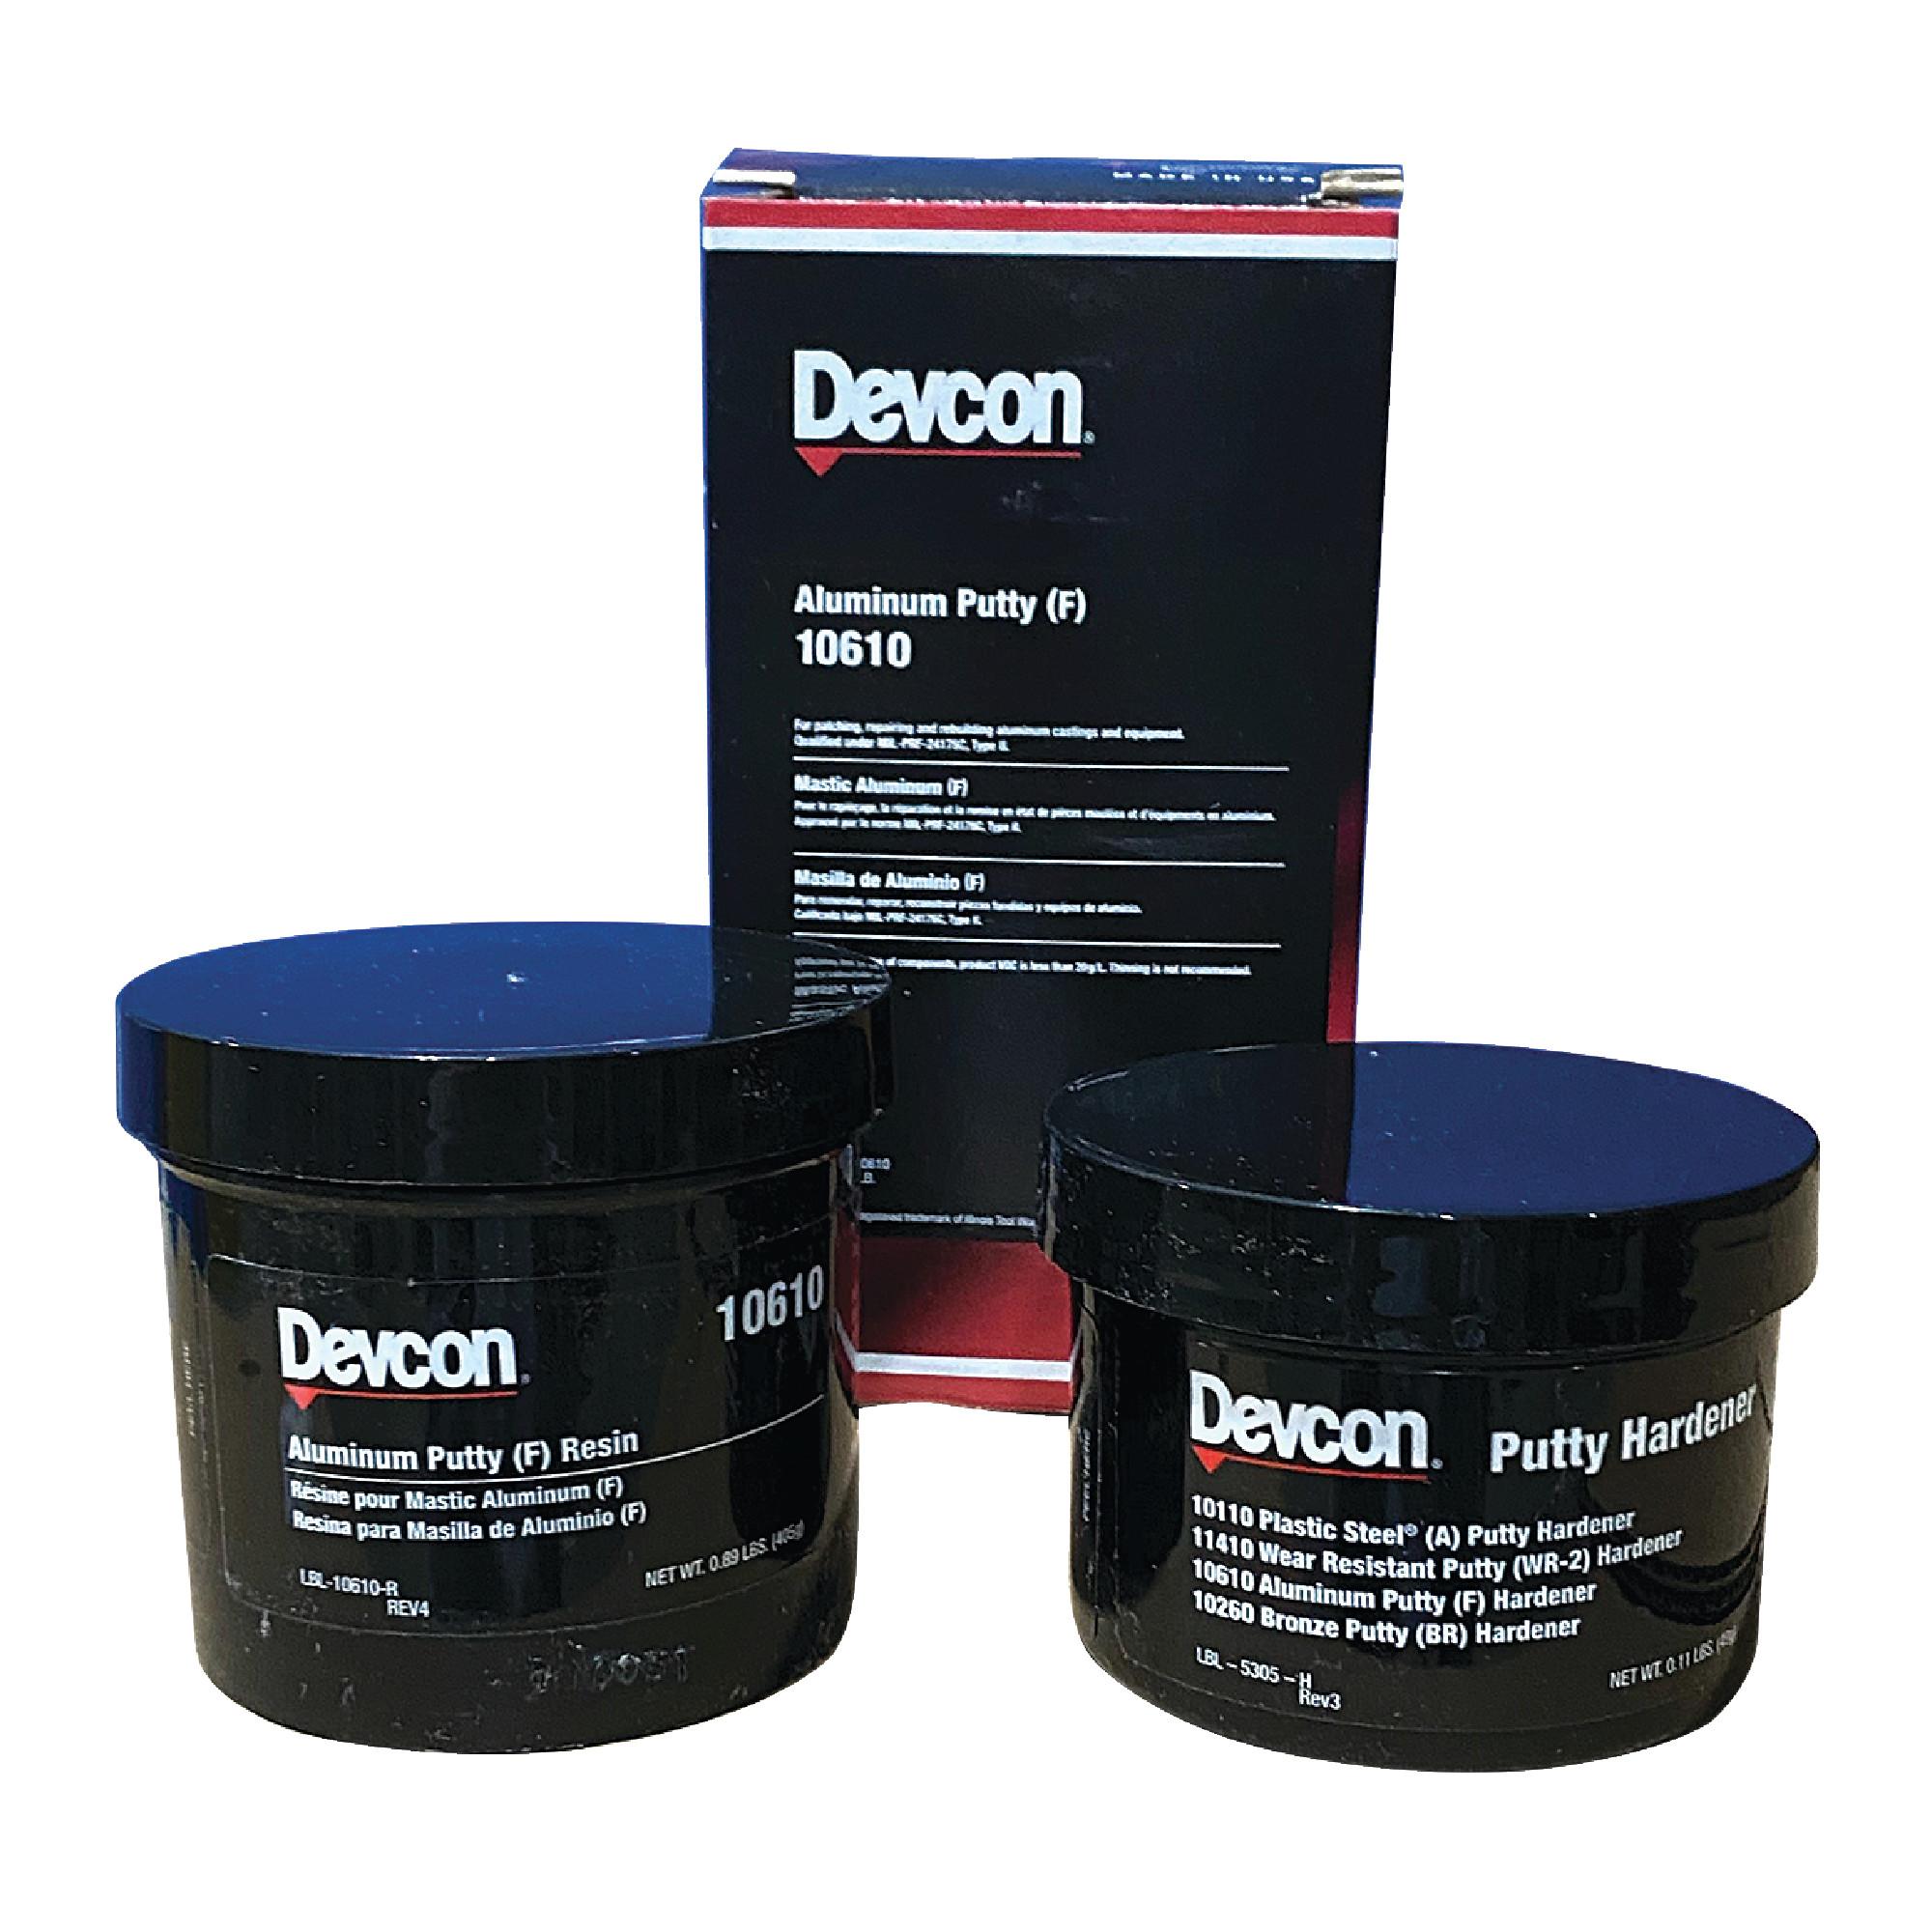 Aluminum Putty (F)